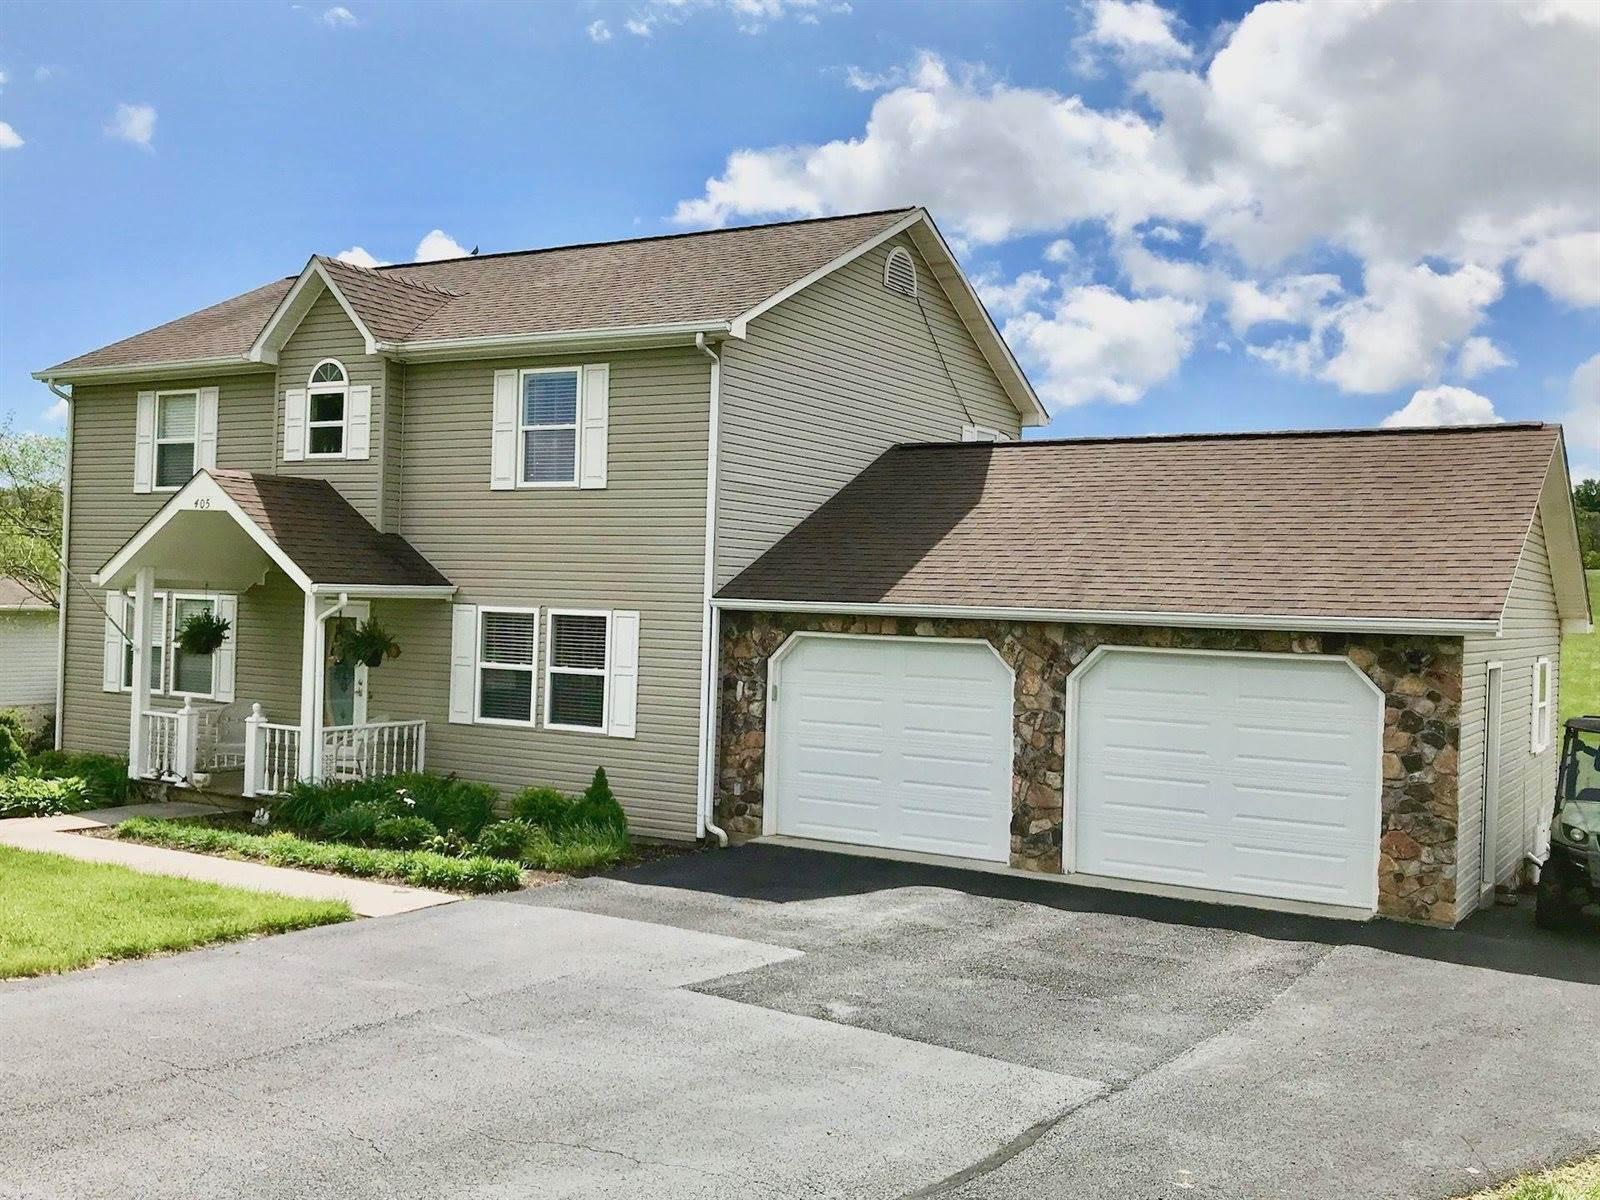 405 Wytheview Drive, Wytheville, VA 24382